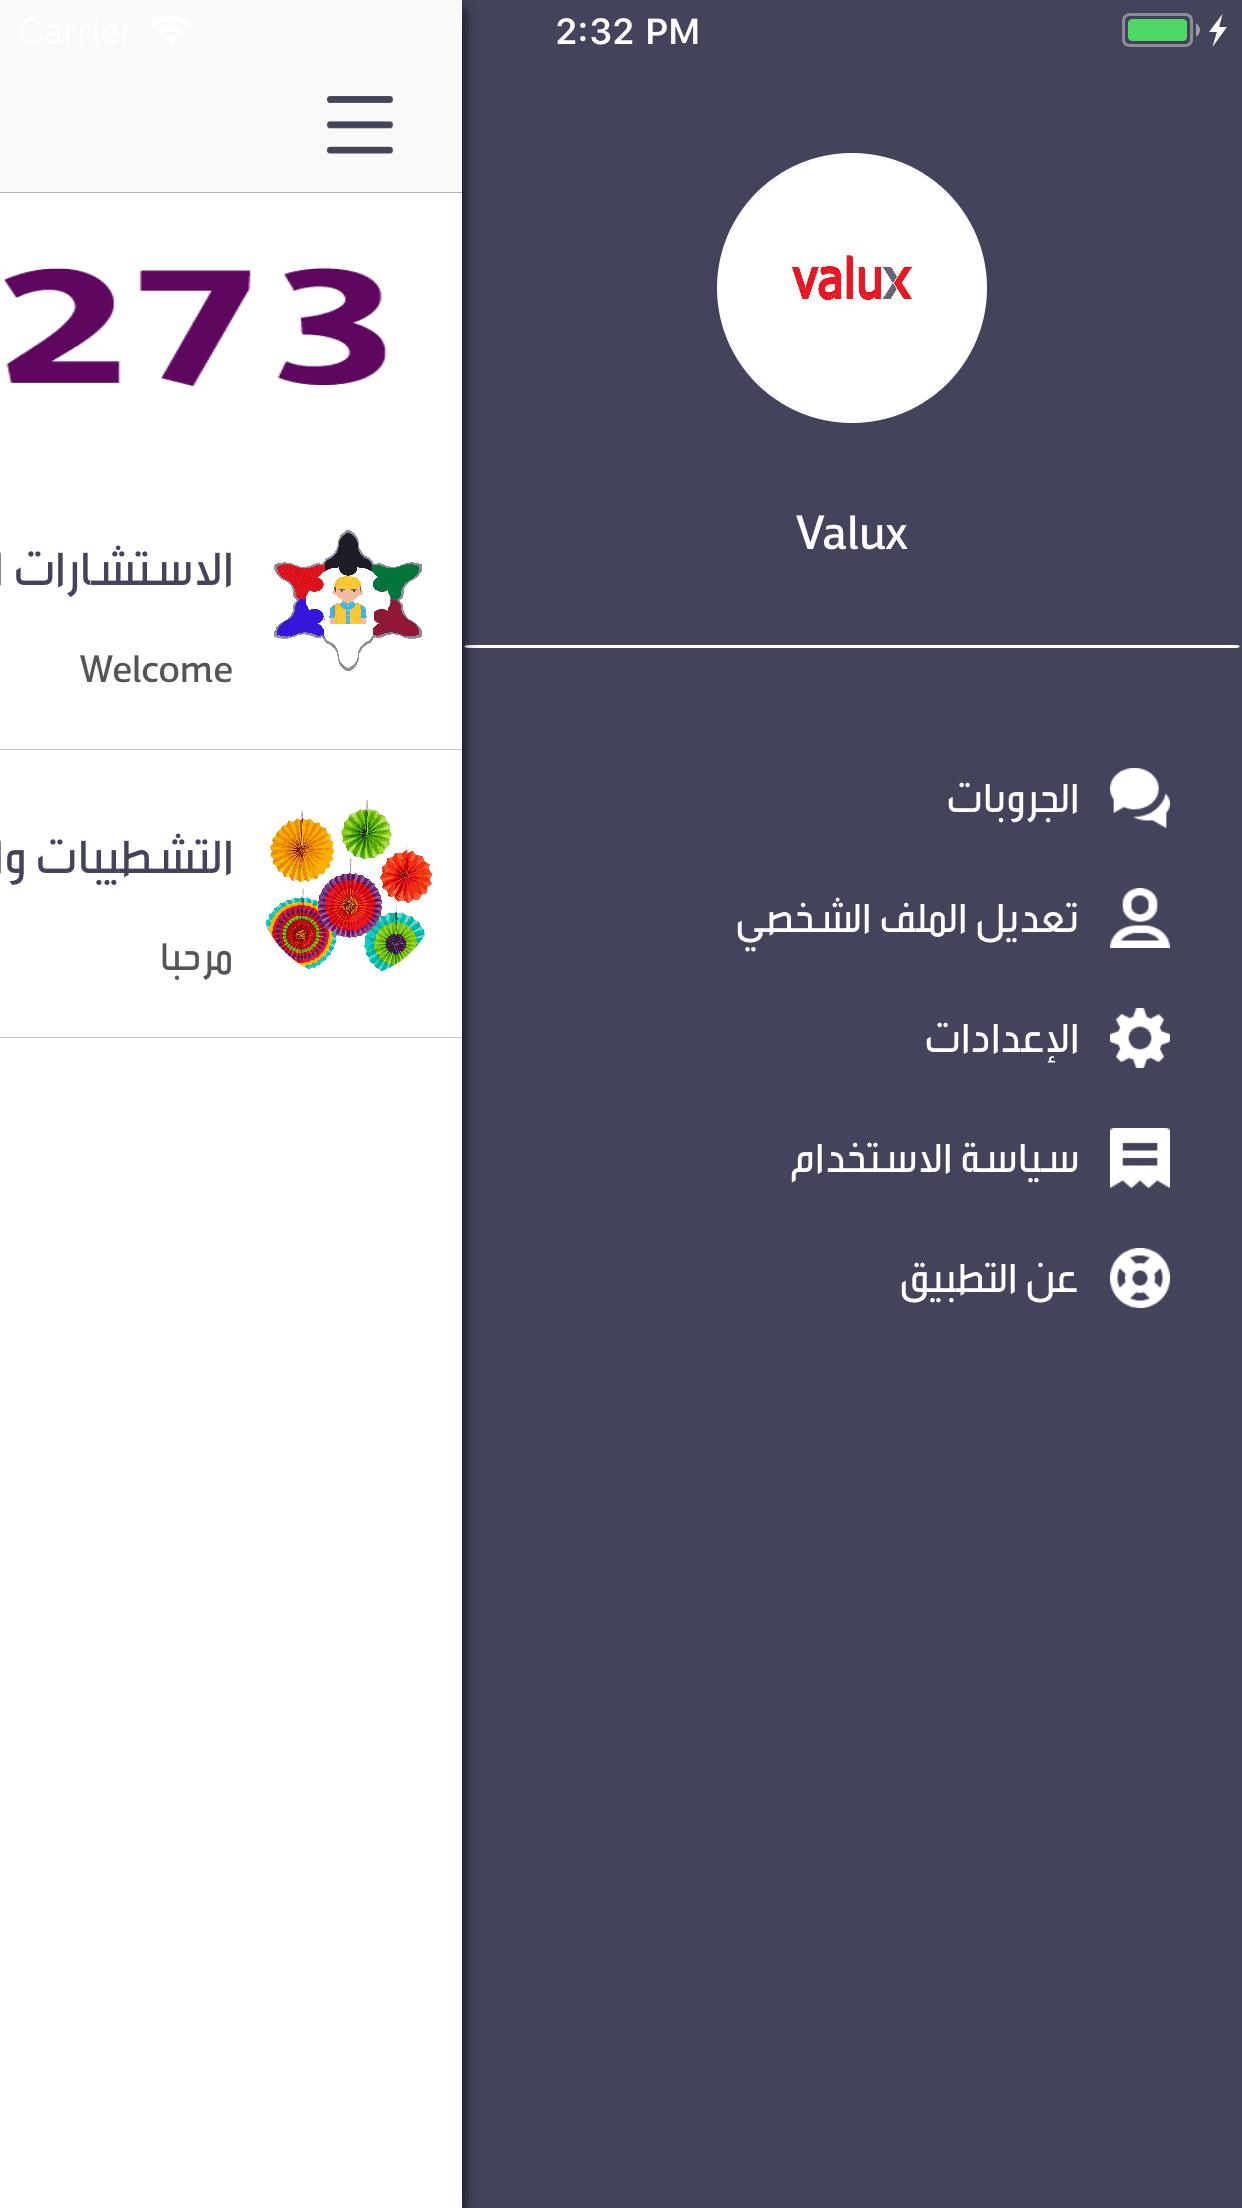 Valux - البيت الكويتي الخليجي